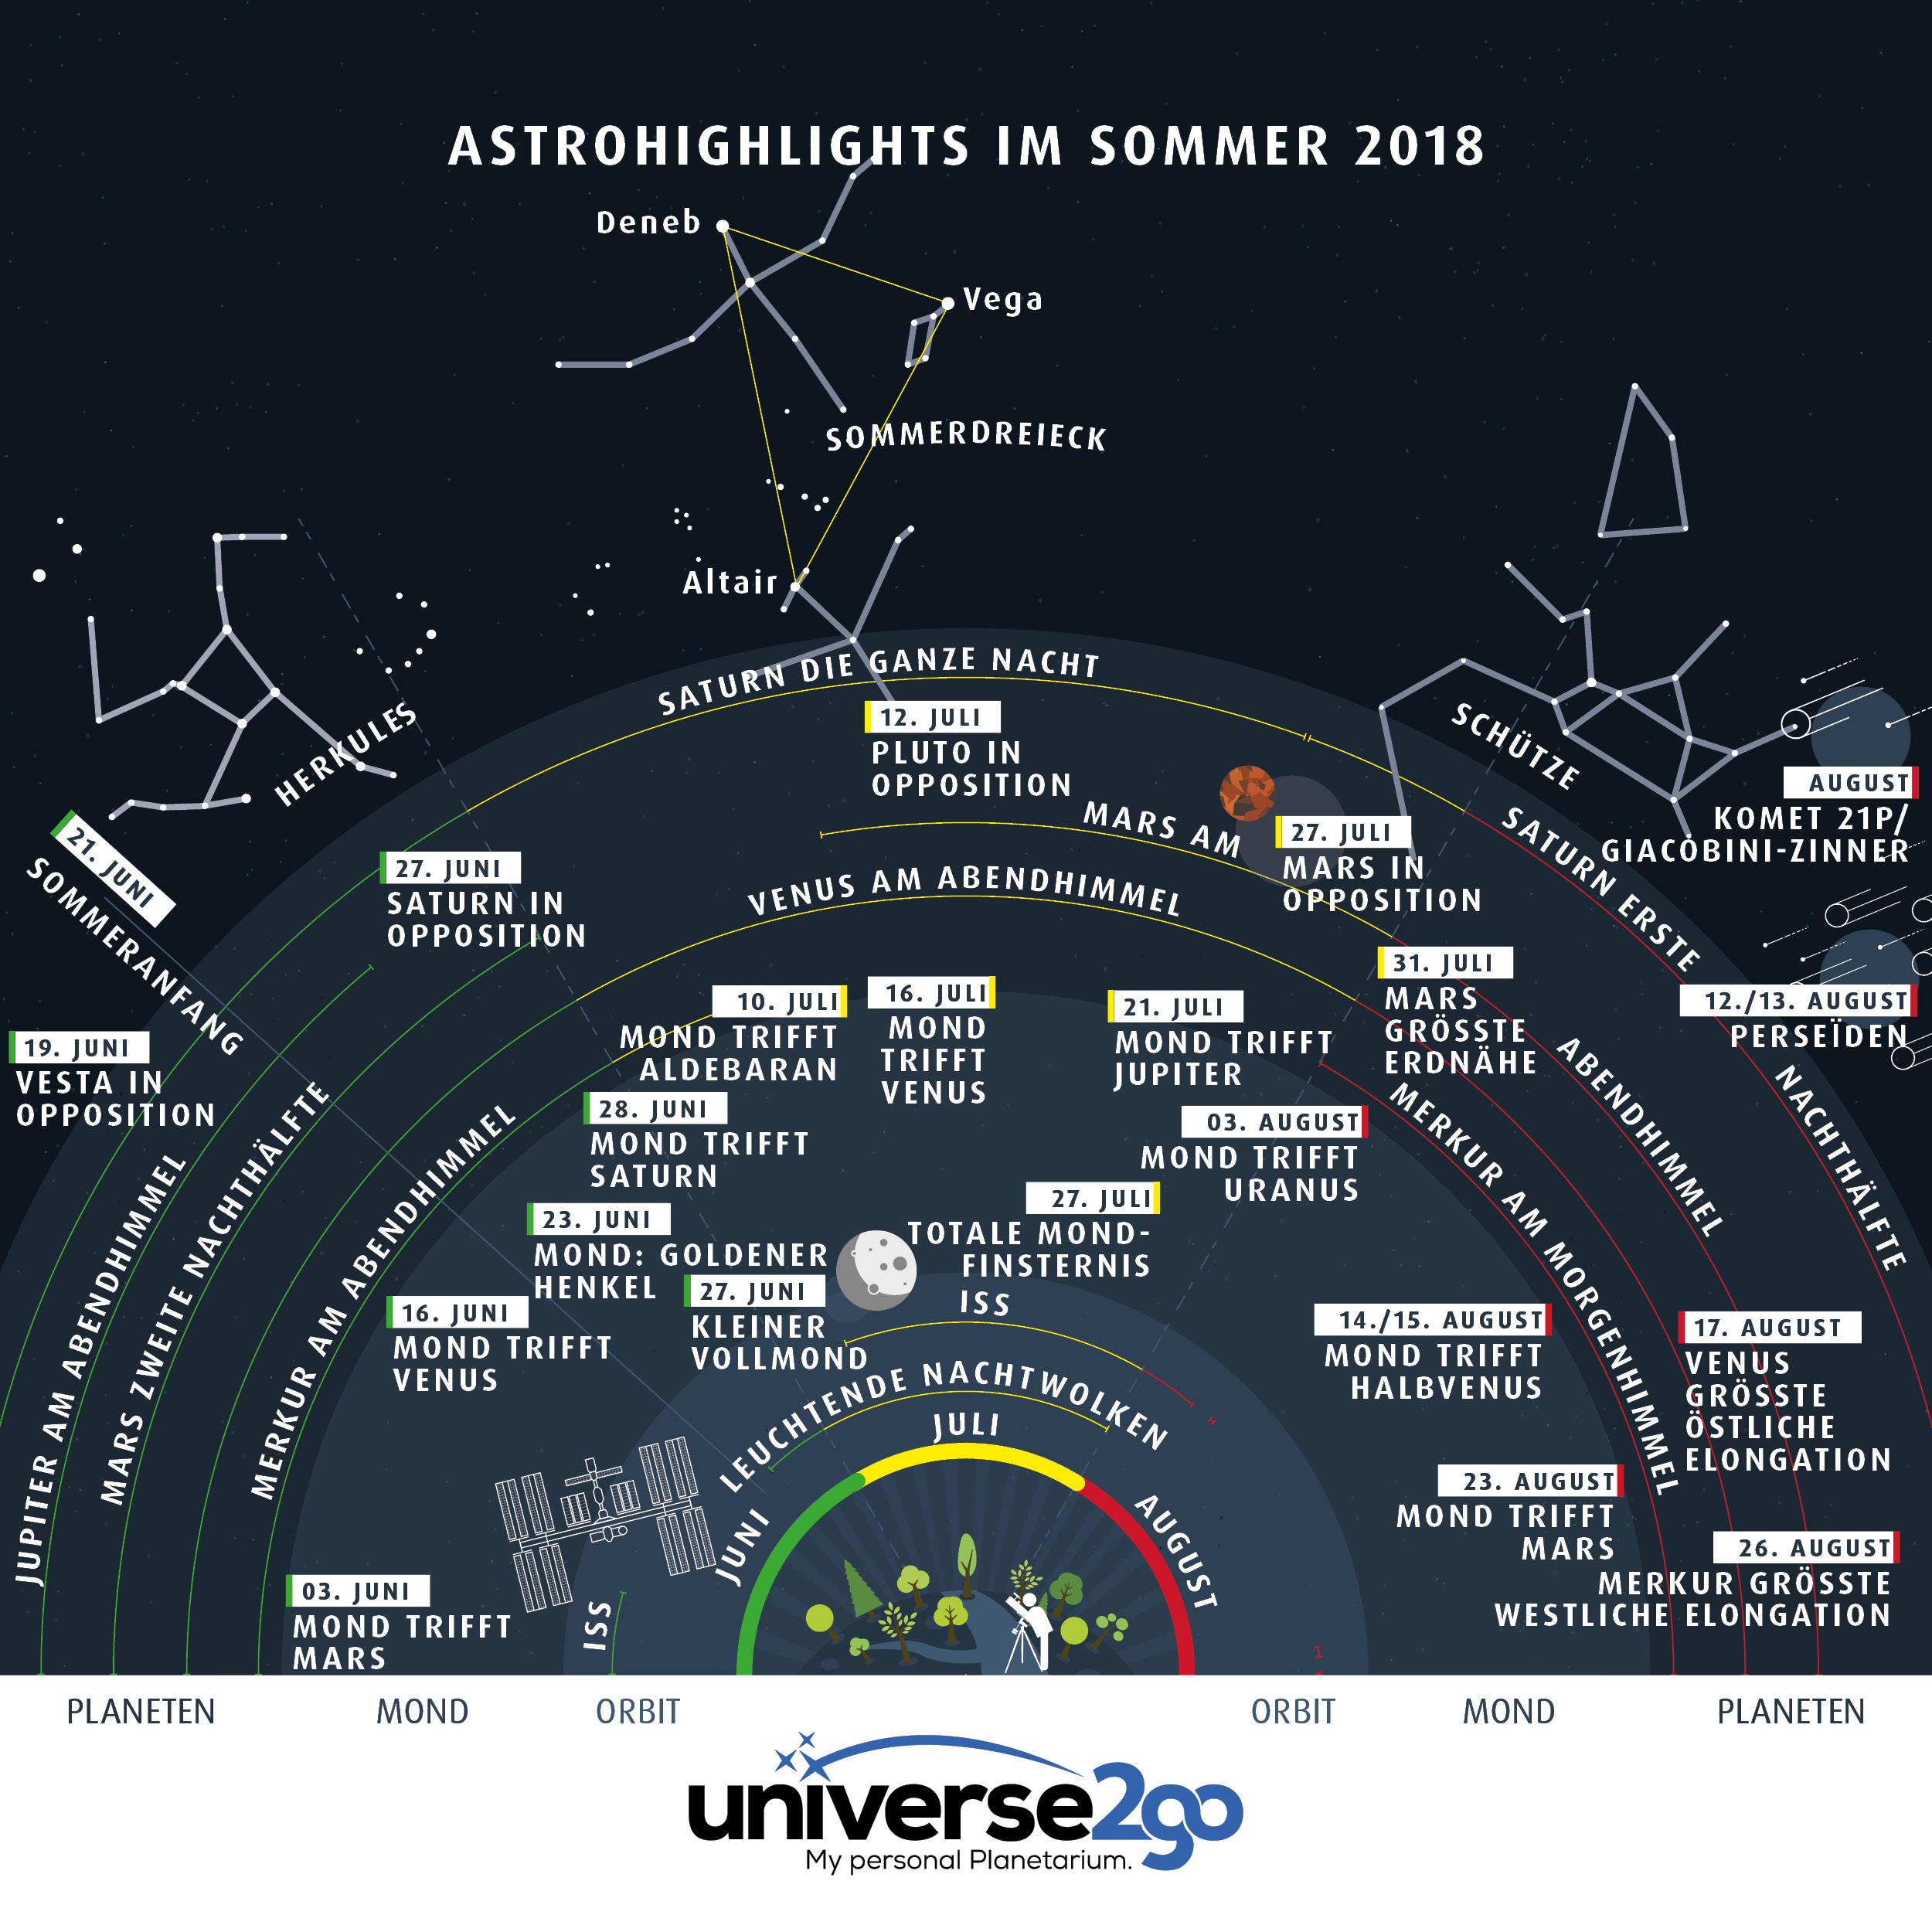 Infografik–astrohighlights-im-sommer-2018-alles-was-man-juni-bis-august-sehen-kann